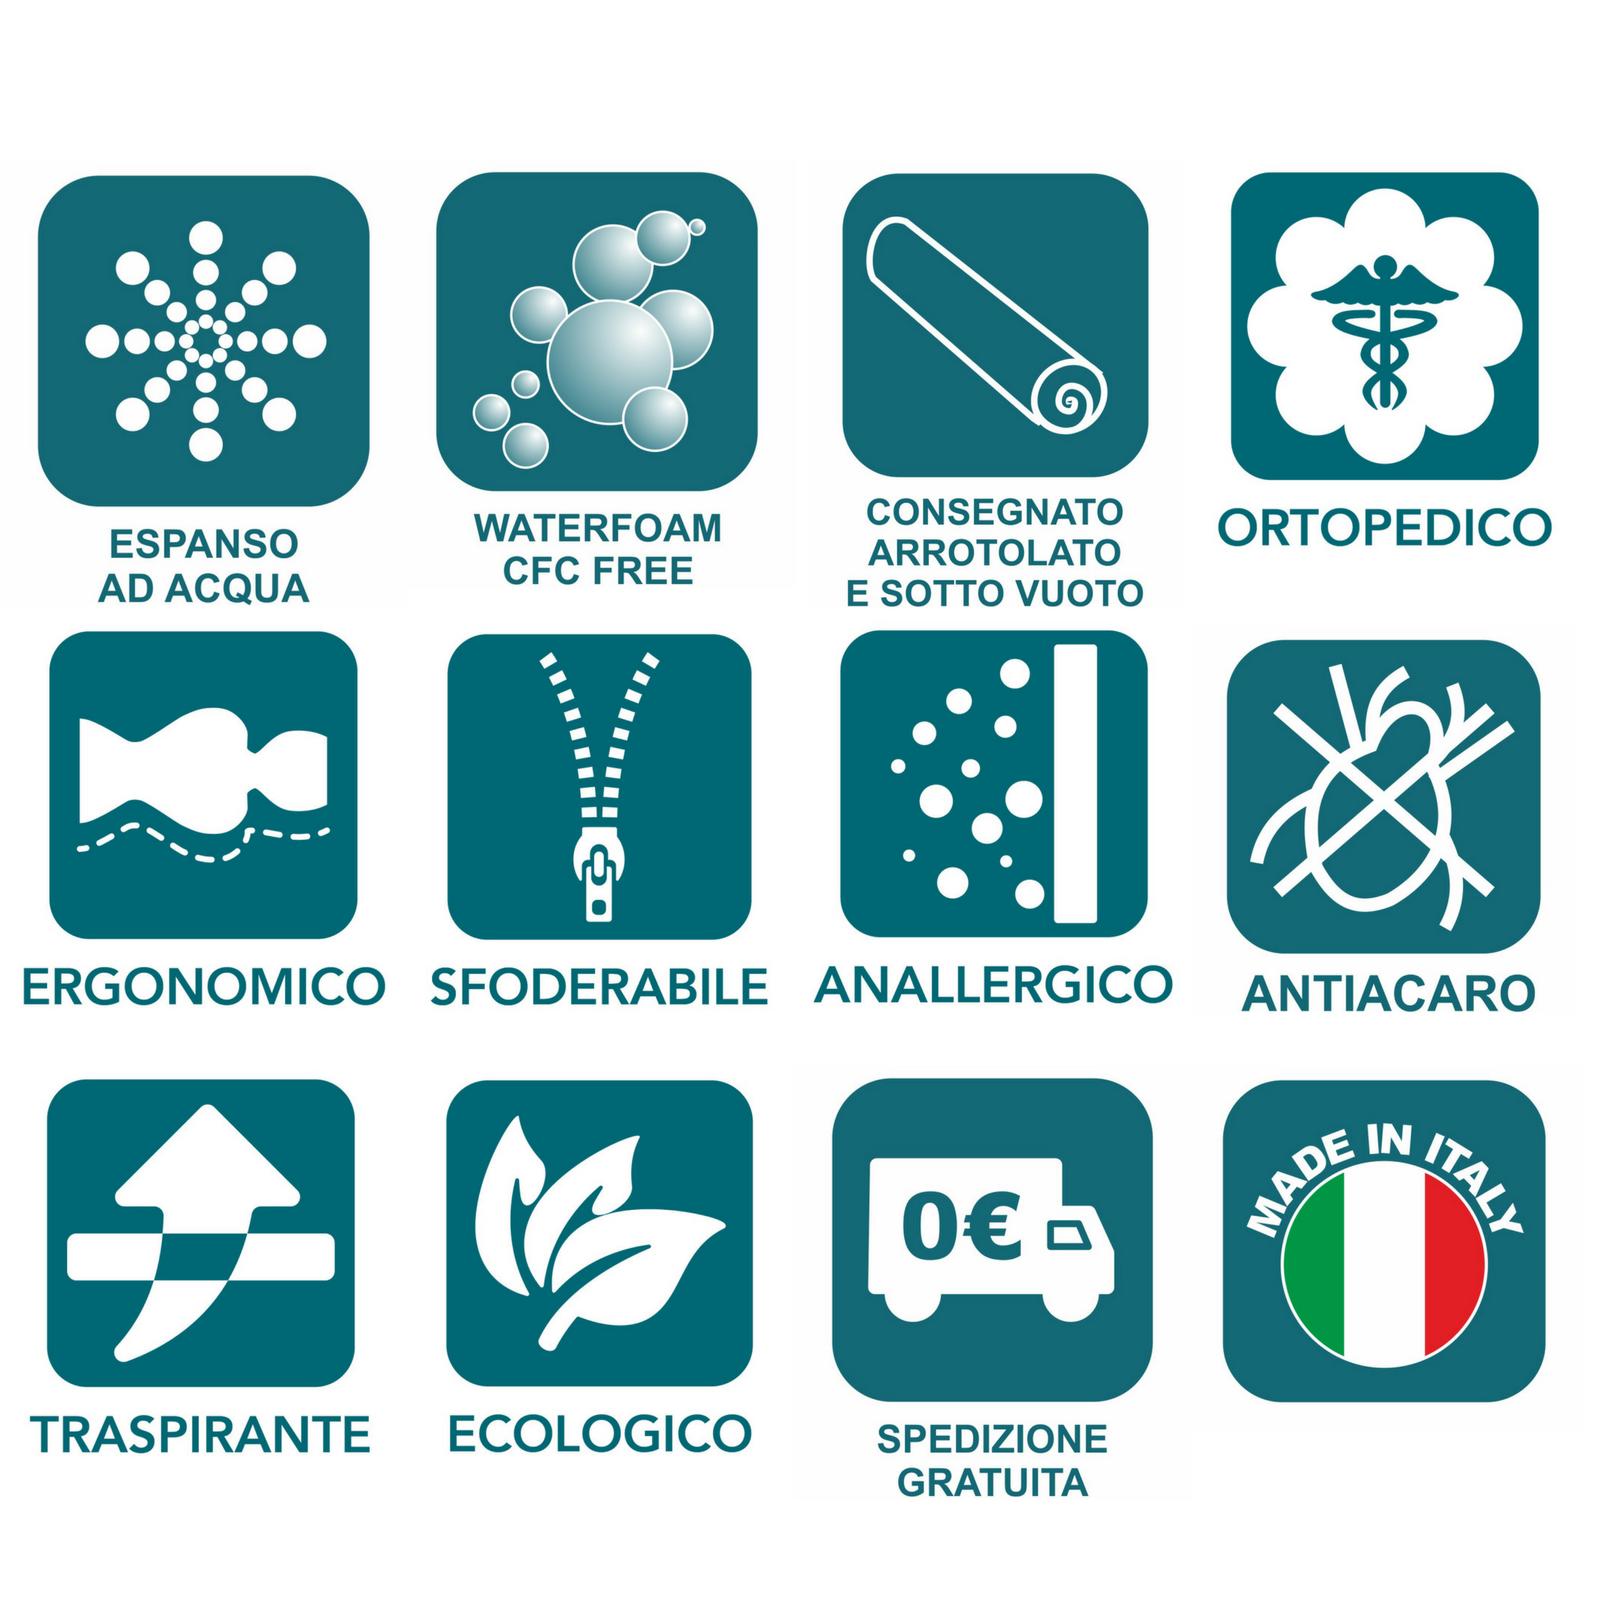 MATERASSO SINGOLO 80X185 ALTO ALTO ALTO 18 IN WATERFOAM ECOLOGICO SFODERABILE ORTOPEDICO | Exquis Art  895763